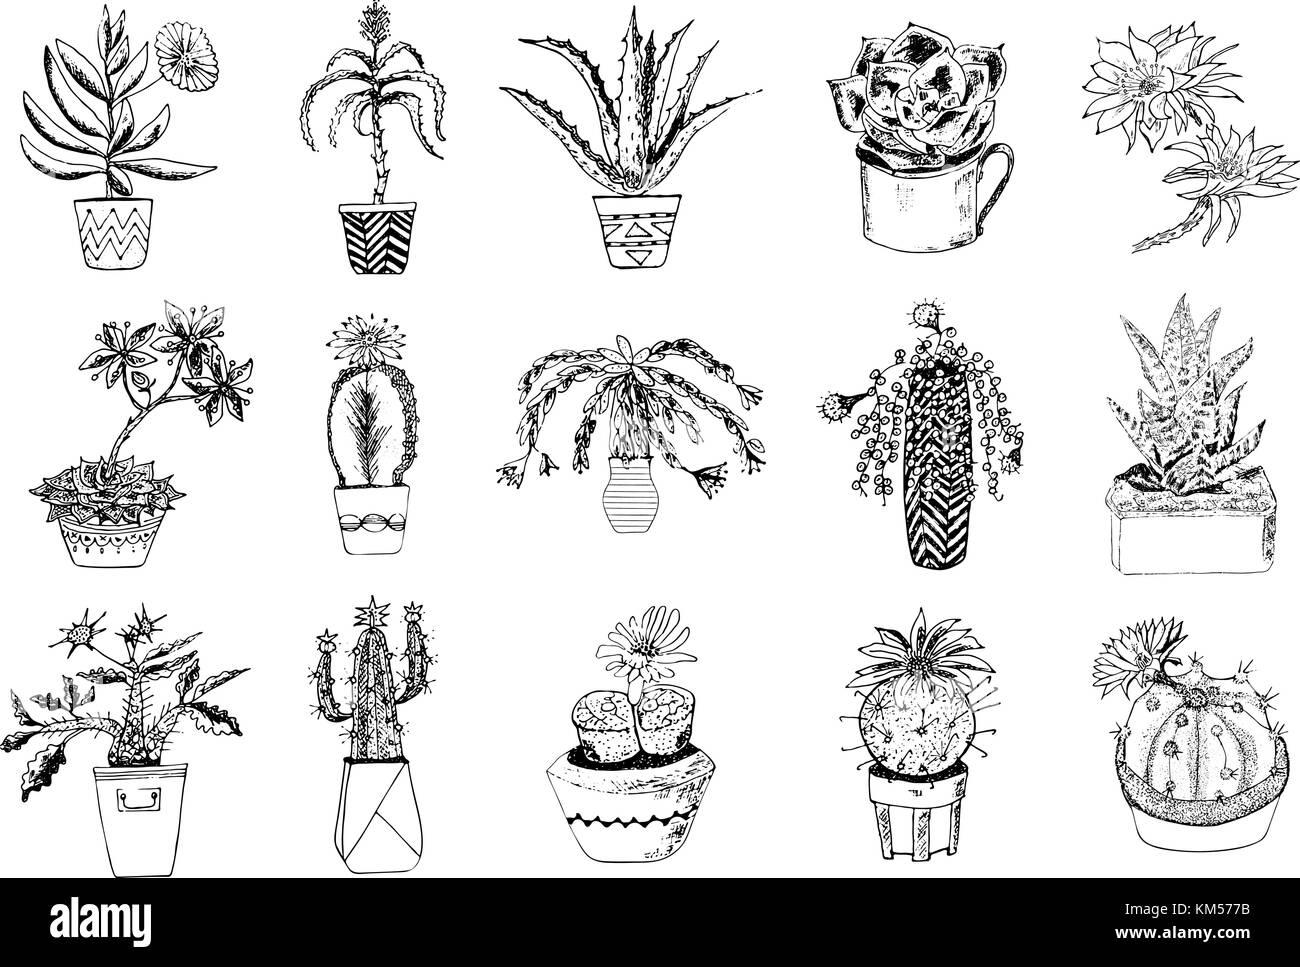 Resultado De Imagen Para Dibujos Para Pintar De Princesas: Resultado De Imagen De Dibujos De Cactus Tumblr Para Pintar